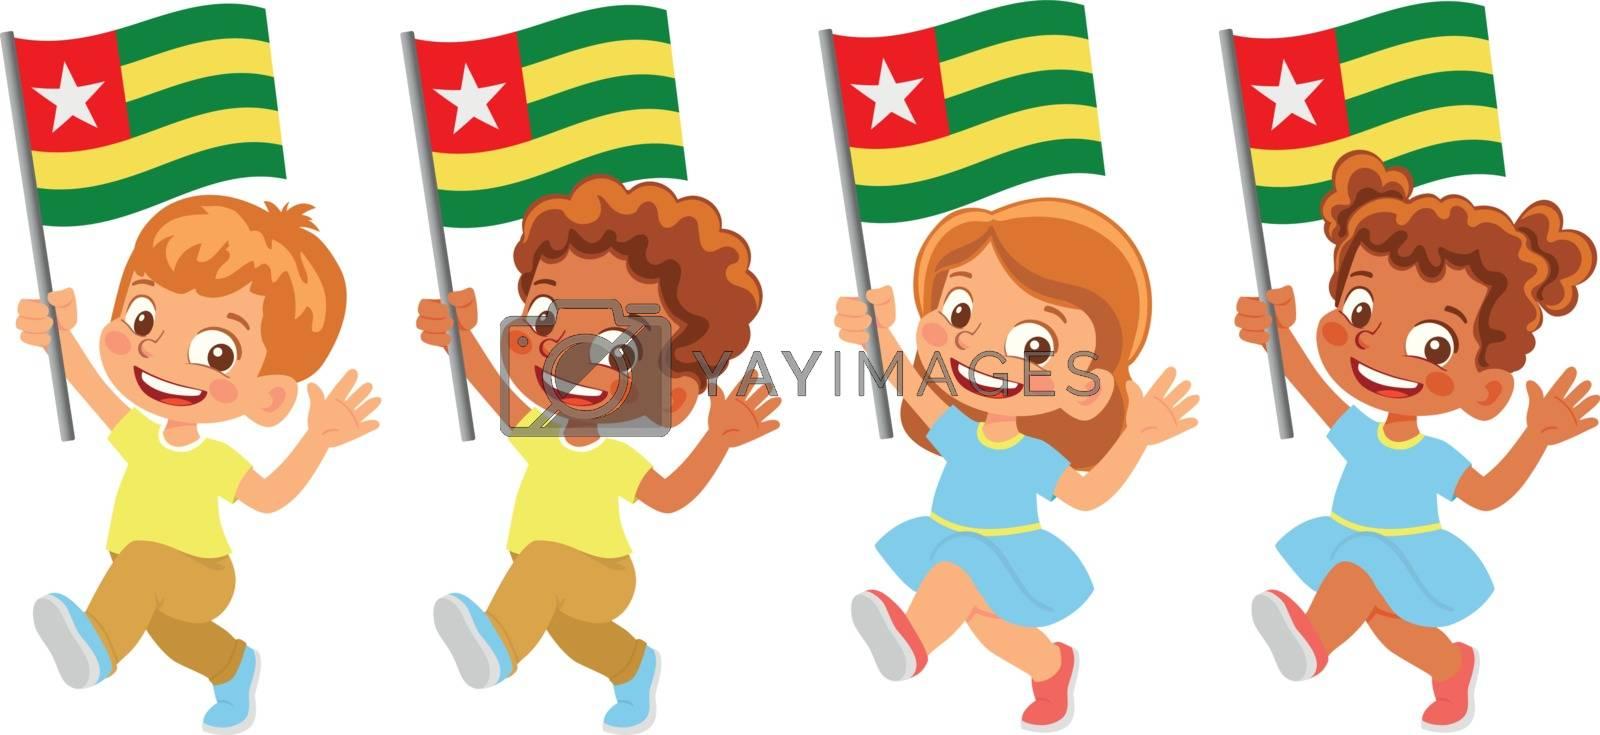 Togo flag in hand. Children holding flag. National flag of Togo vector